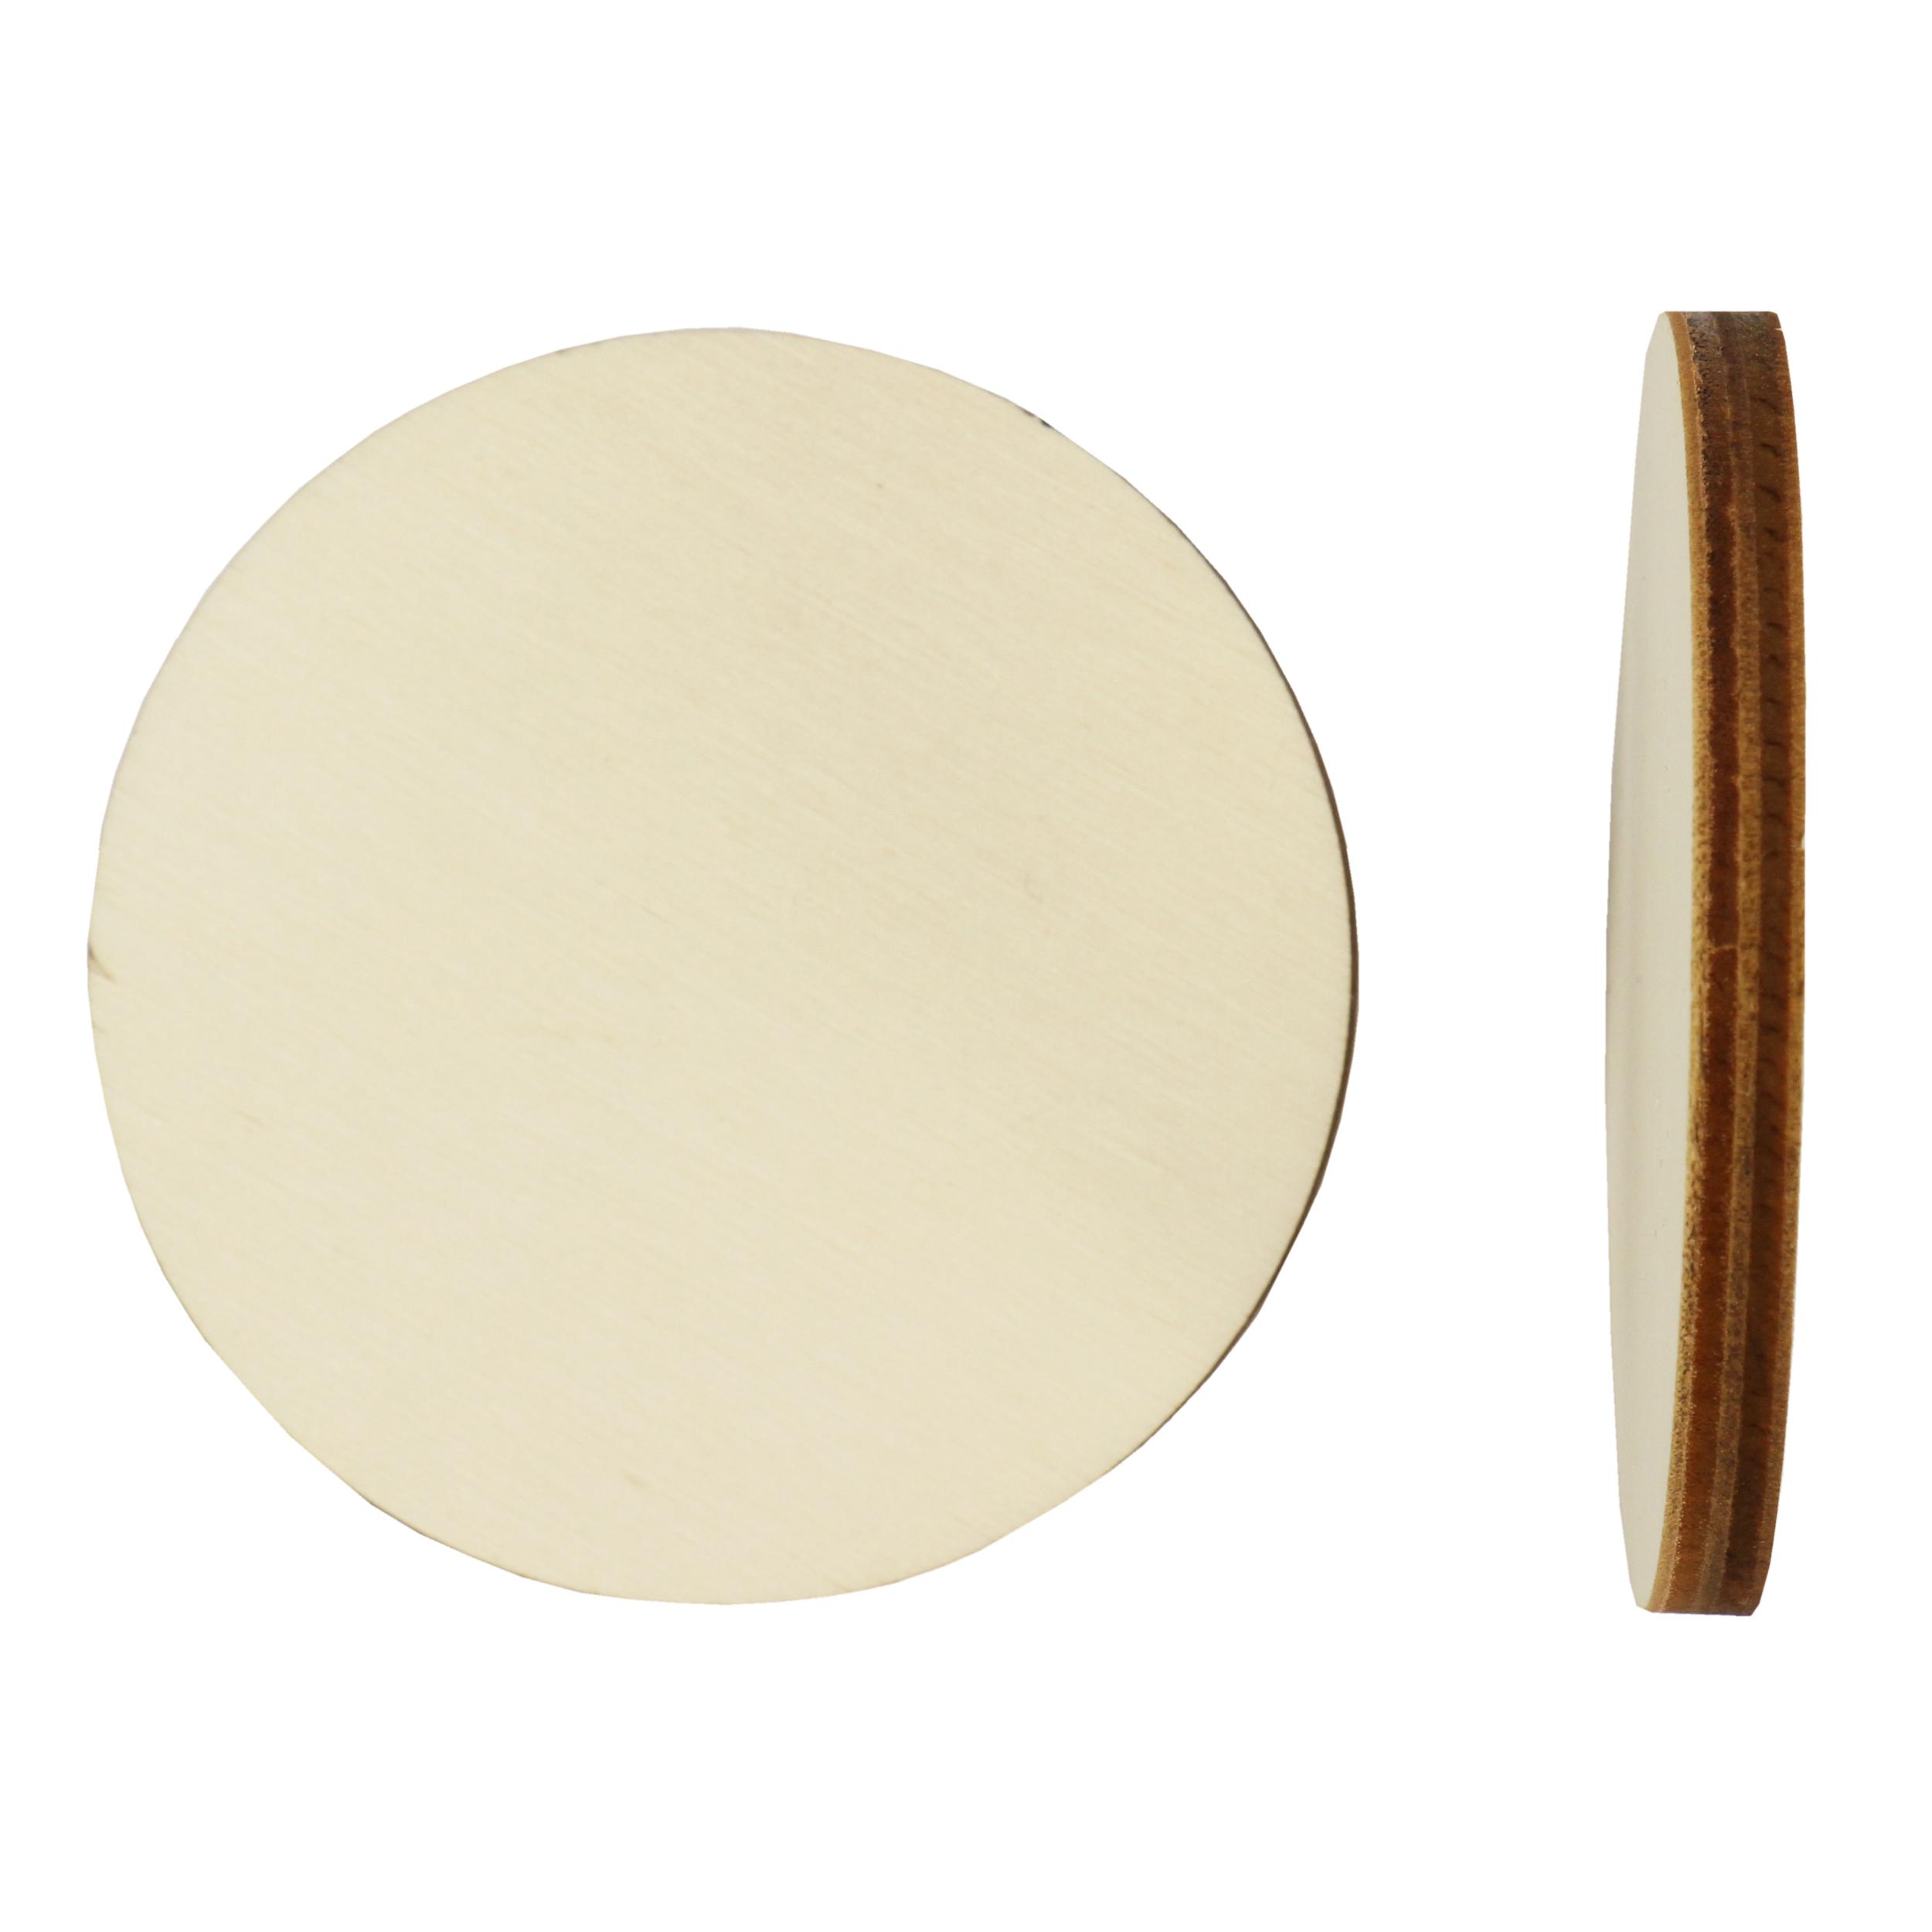 Holzscheiben rund f r basler eine gro e auswahl bei uns for Holzscheibe rund